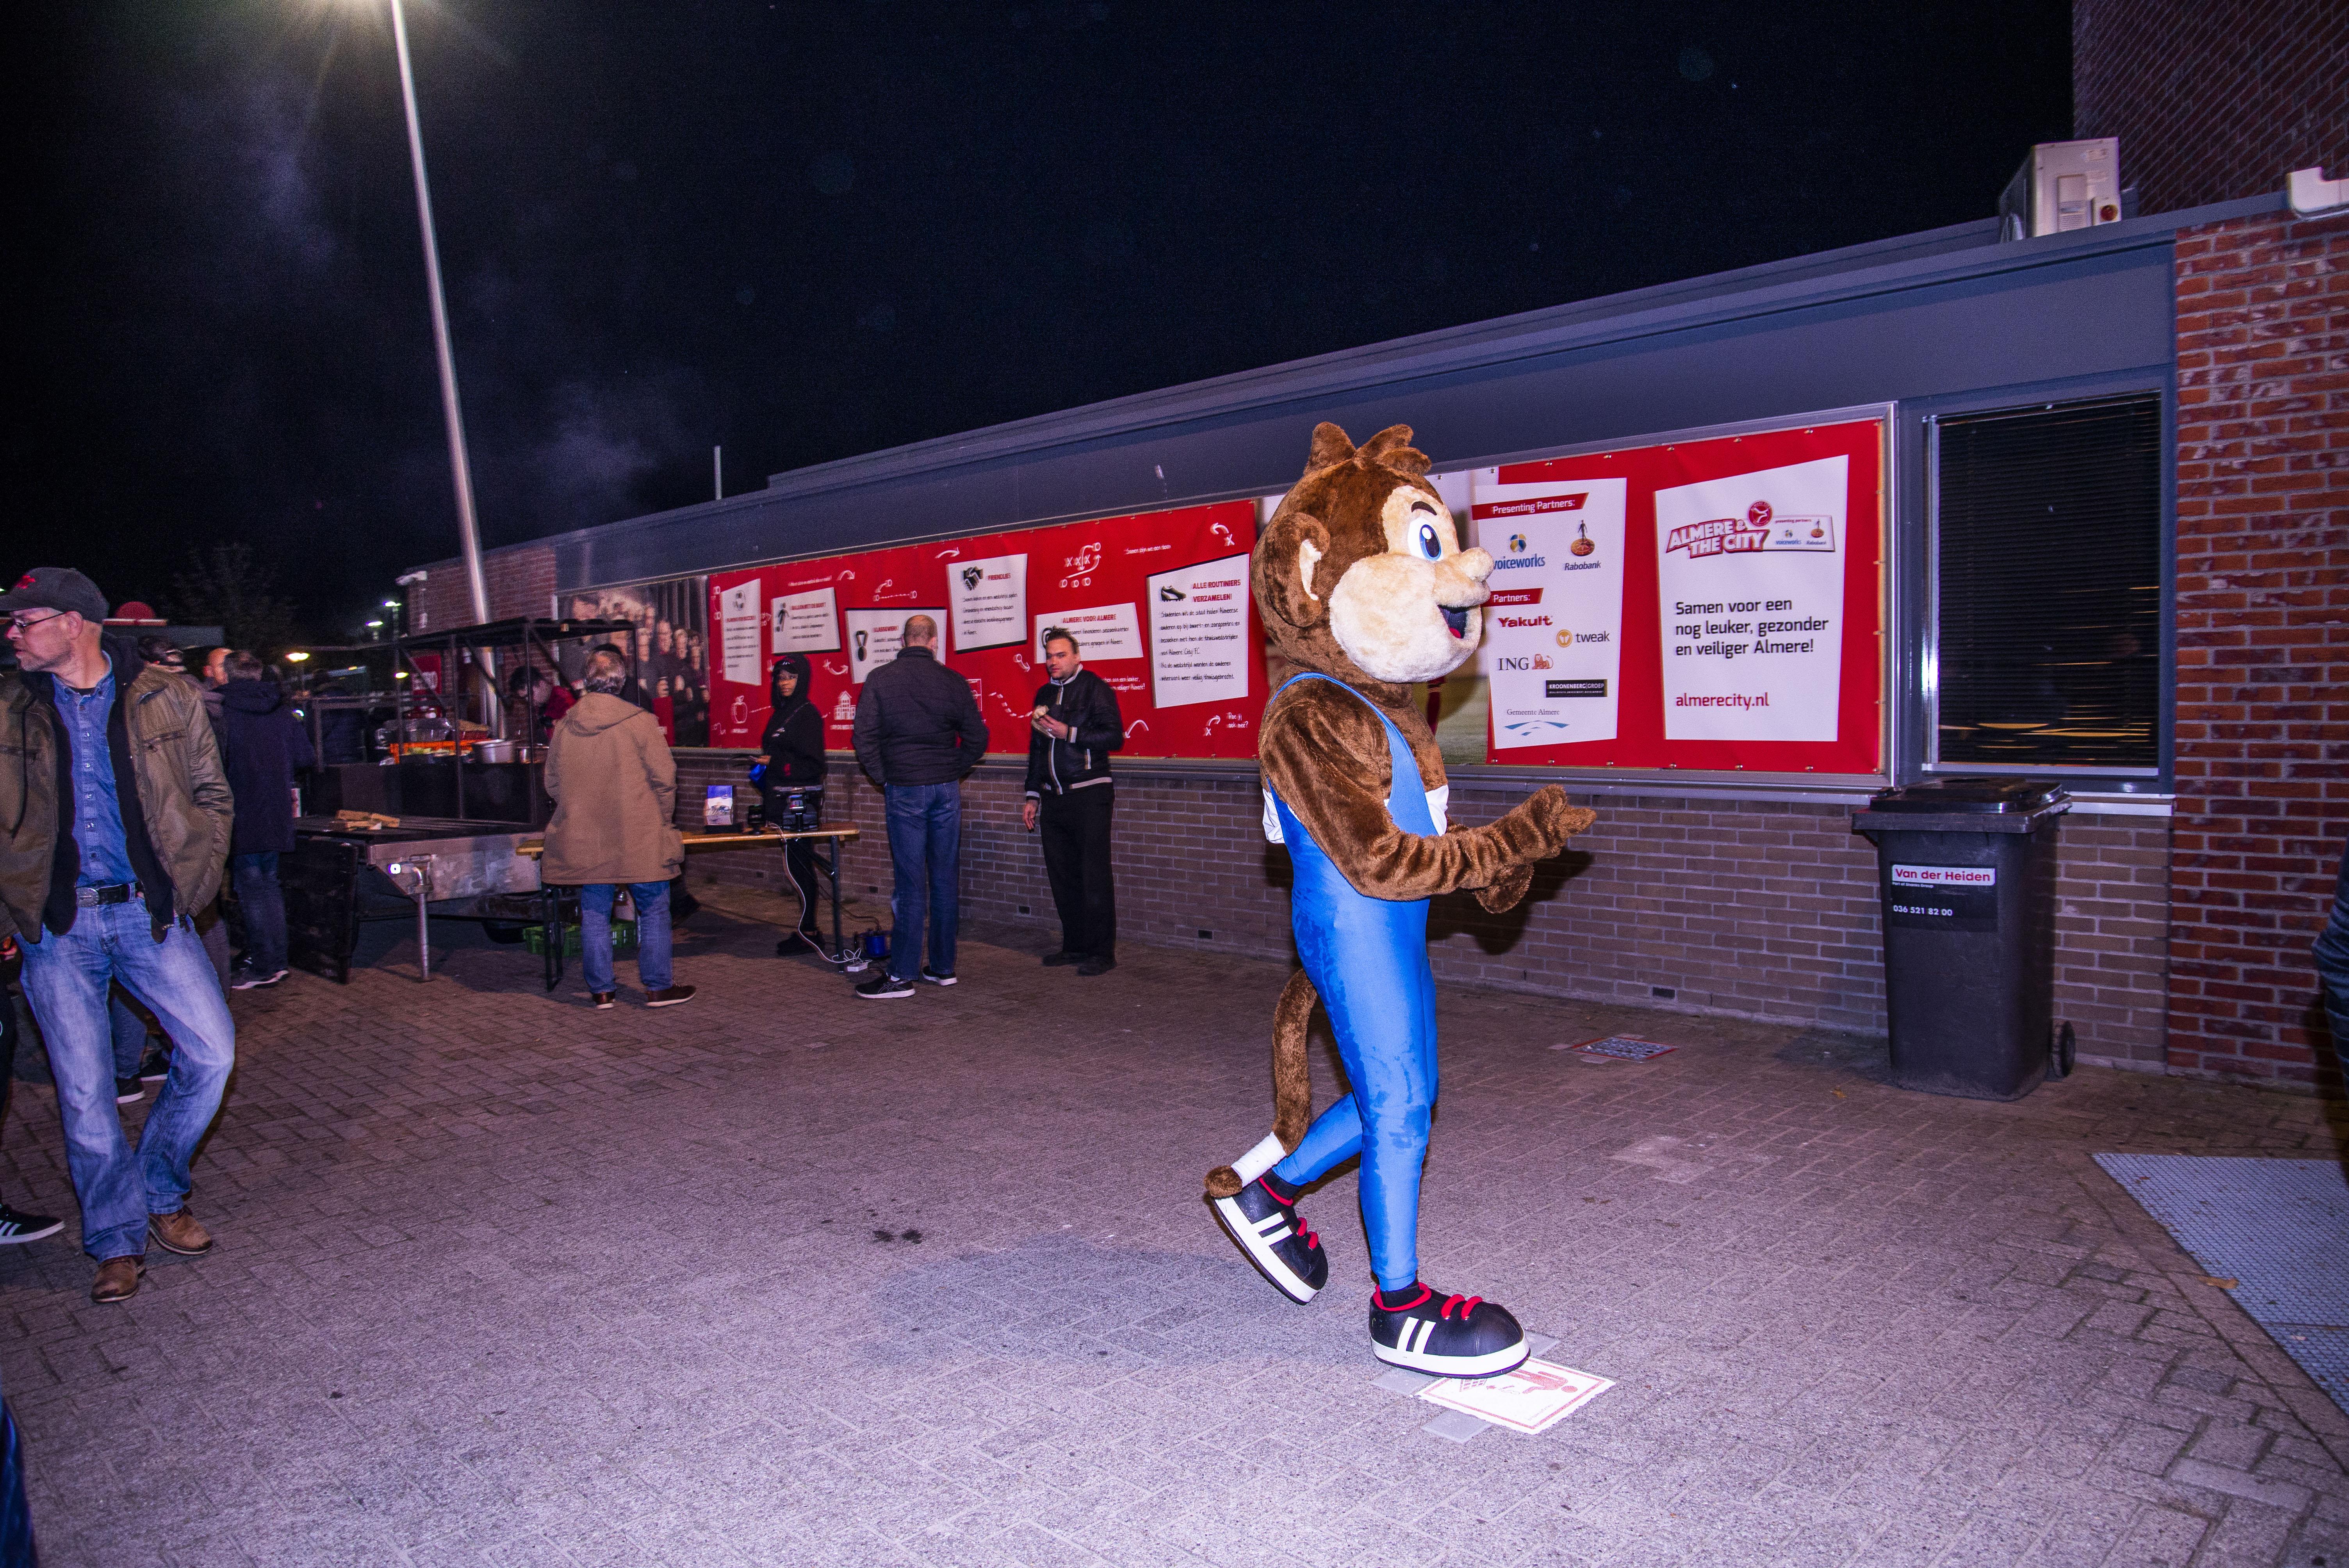 Garage Roos Almere : Een avond met ally de aap de trots van almere vice sports